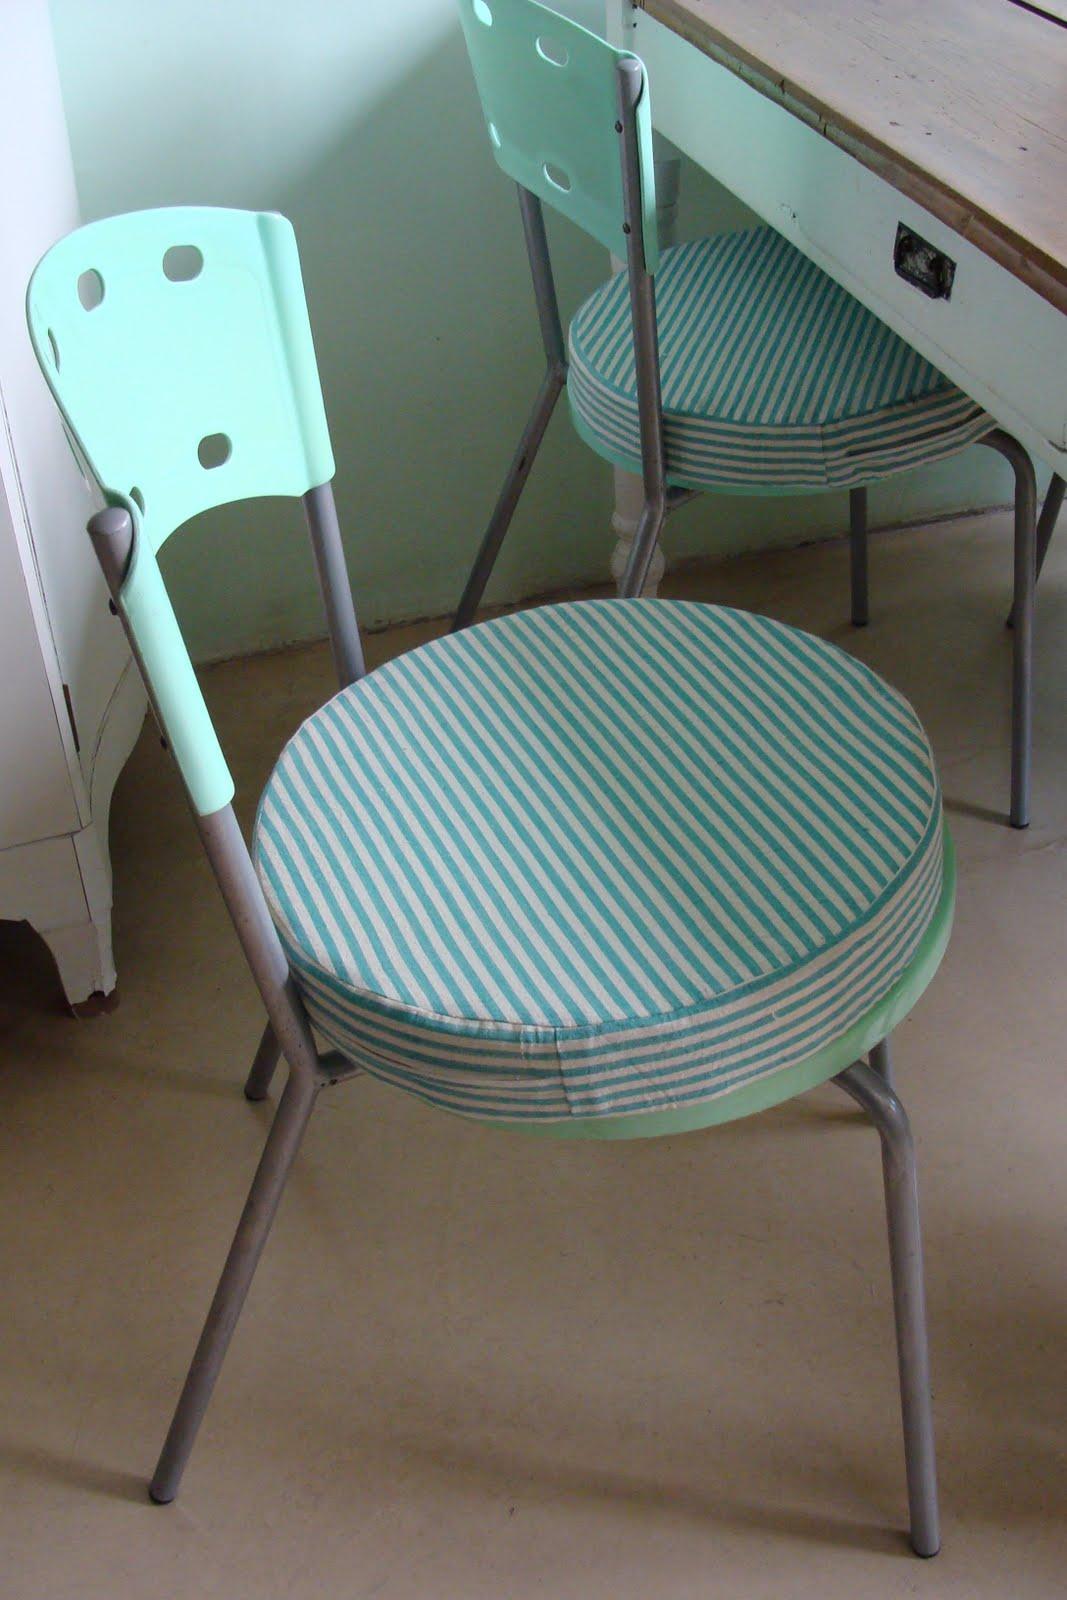 Almohadones a medida para sillas deco marce tienda - Almohadones para sillas ...